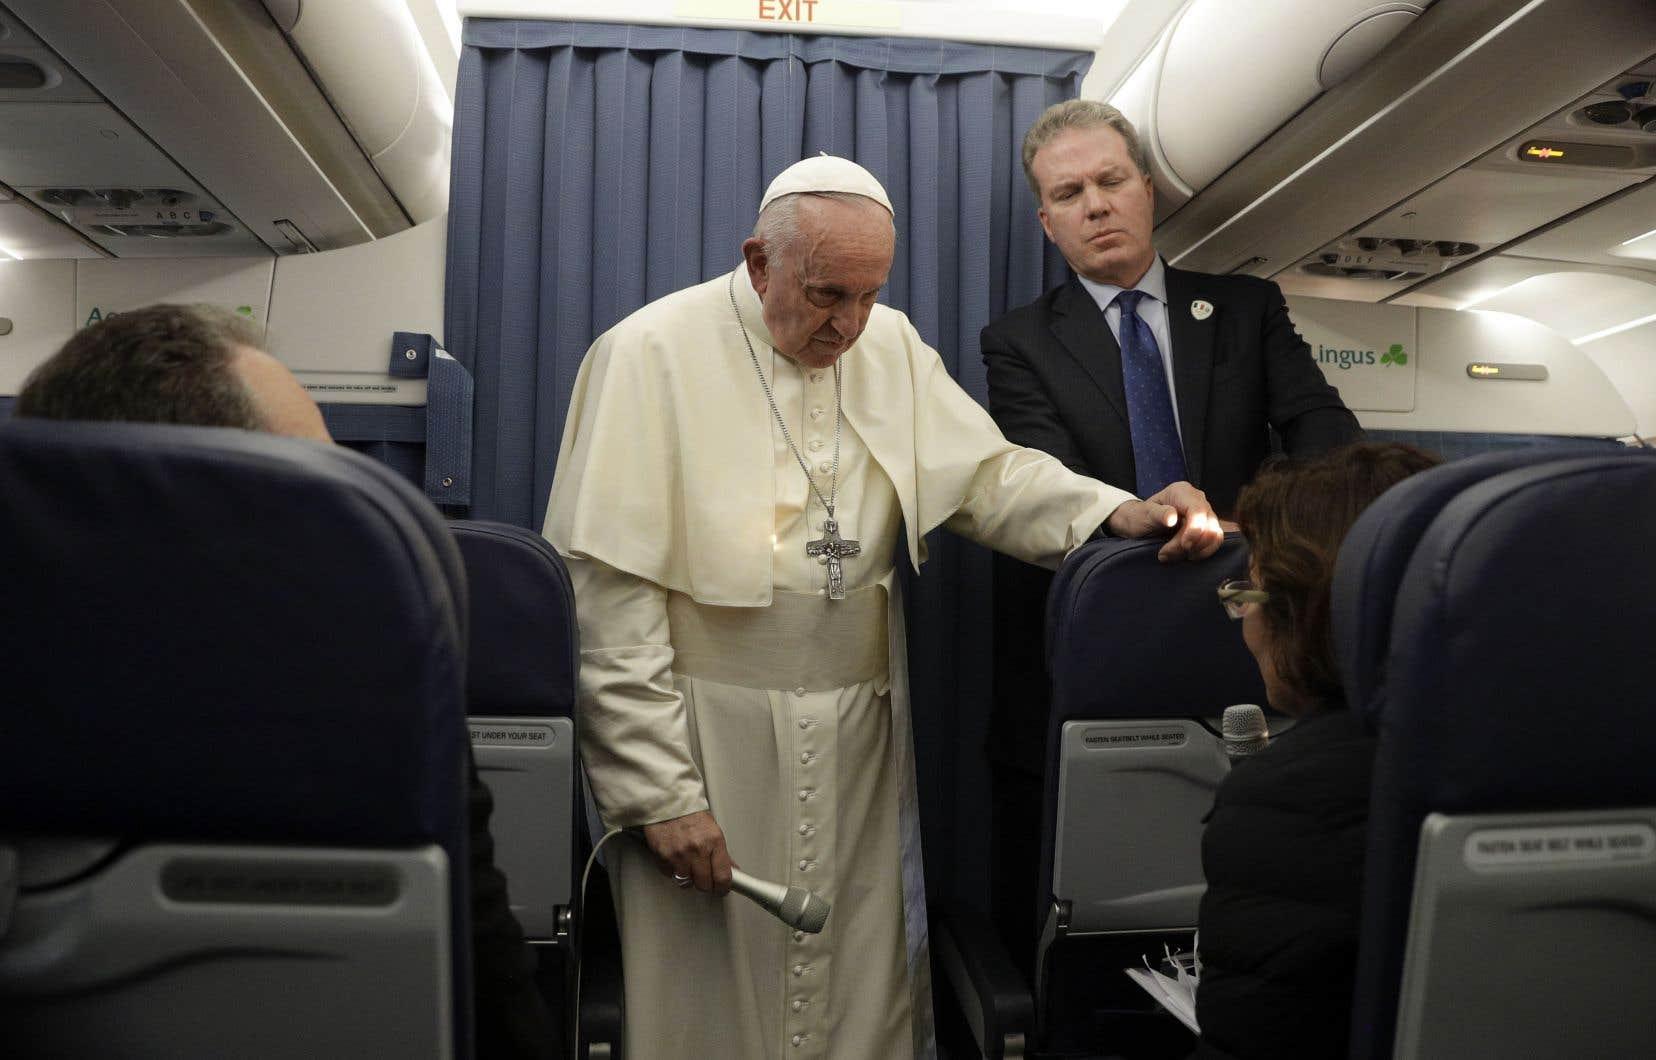 Le pape François s'adresse à un journaliste lors d'une conférence de presse en vol alors qu'il rentrait d'Irlande au Vatican, le 26 août 2018.